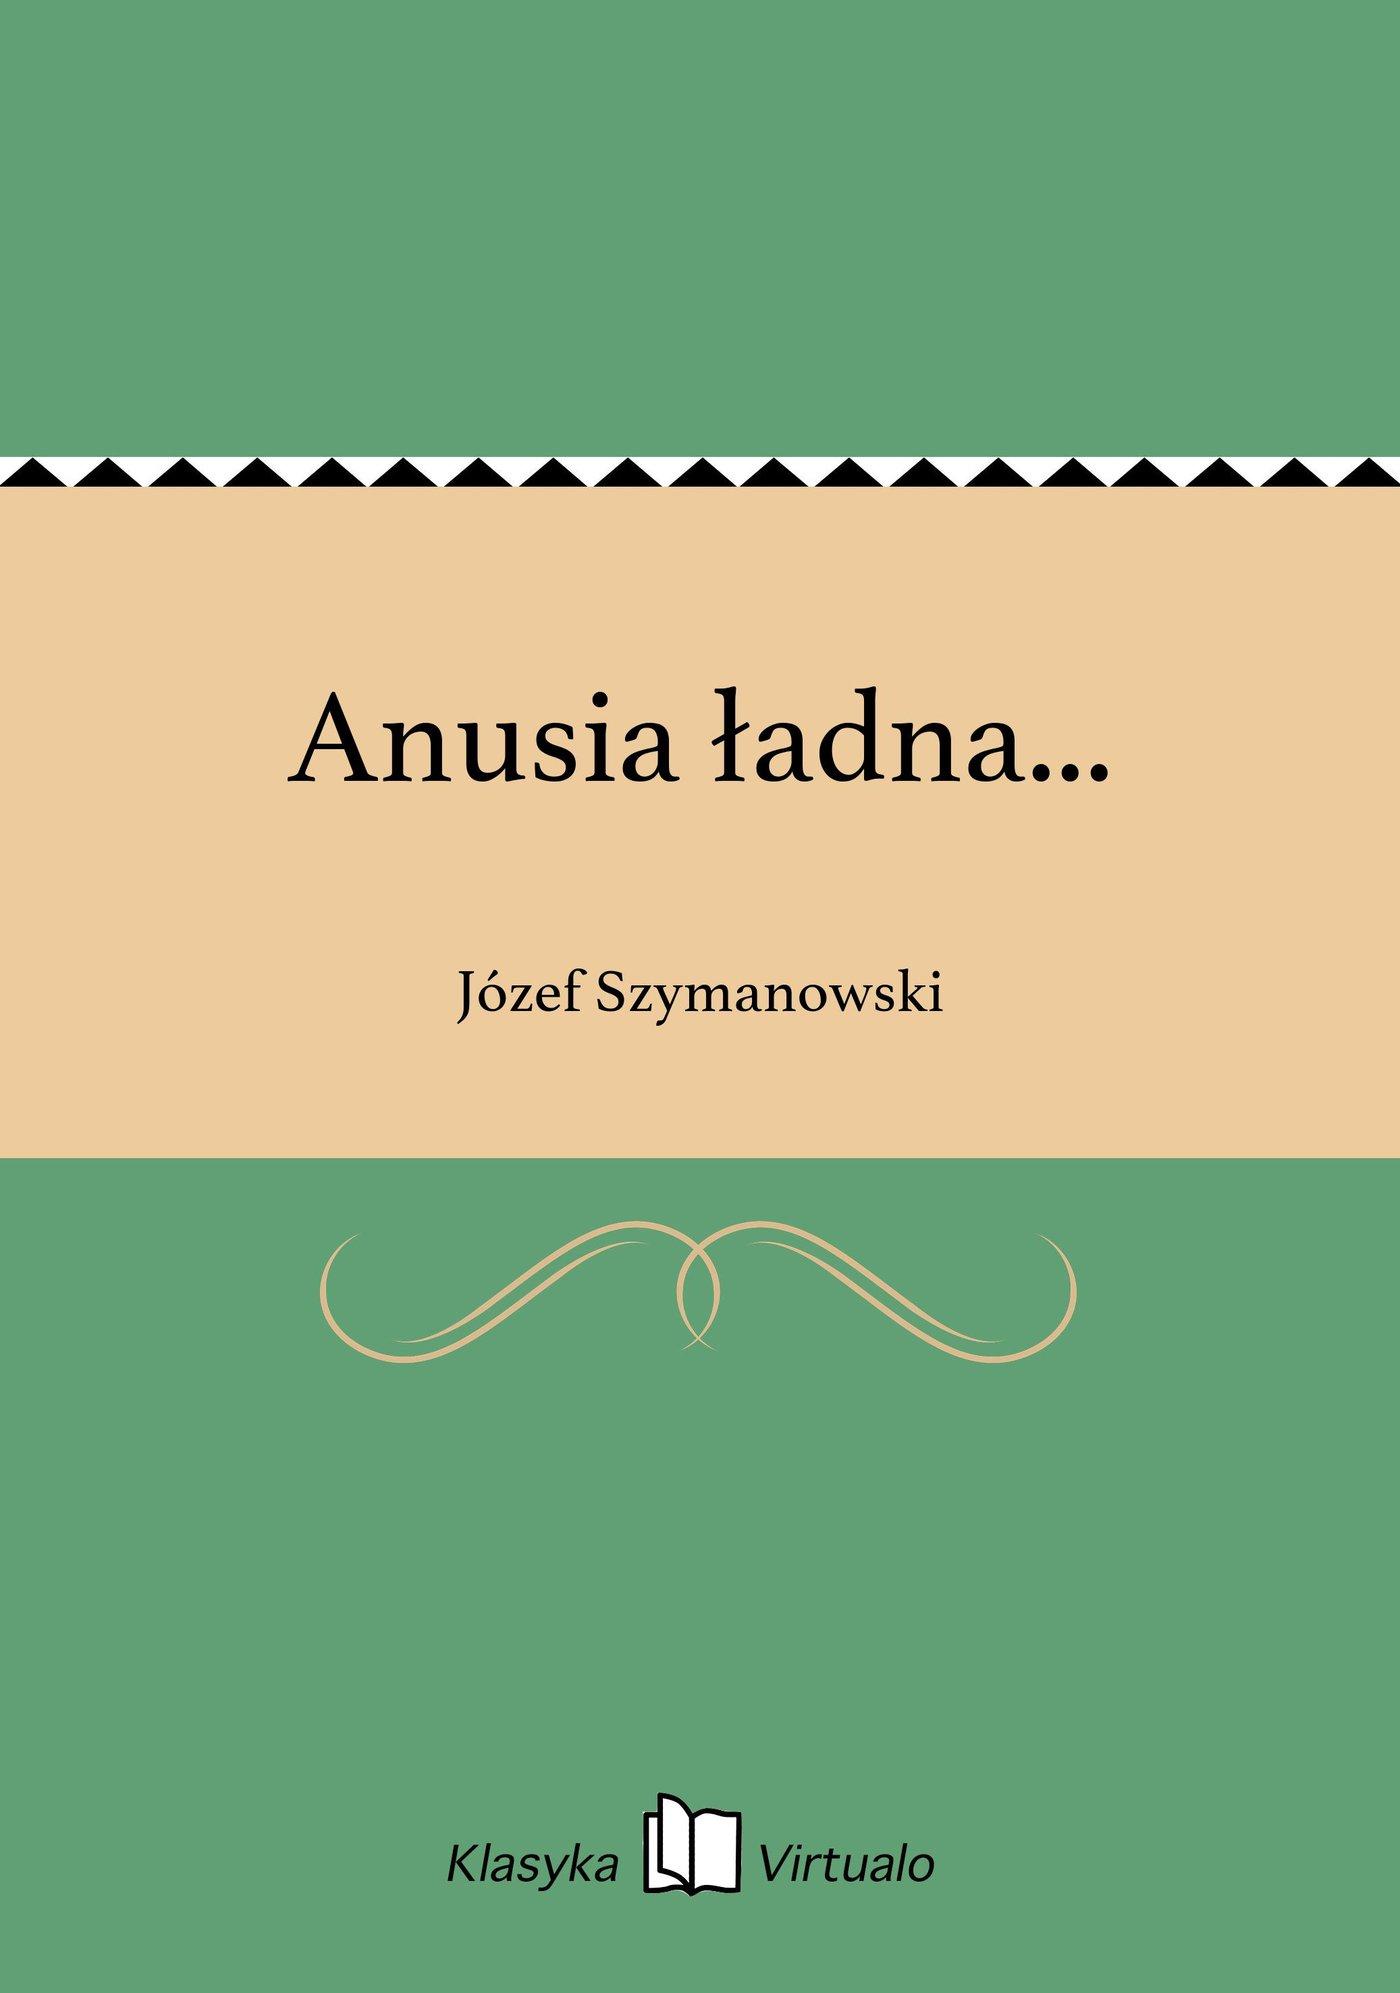 Anusia ładna... - Ebook (Książka na Kindle) do pobrania w formacie MOBI